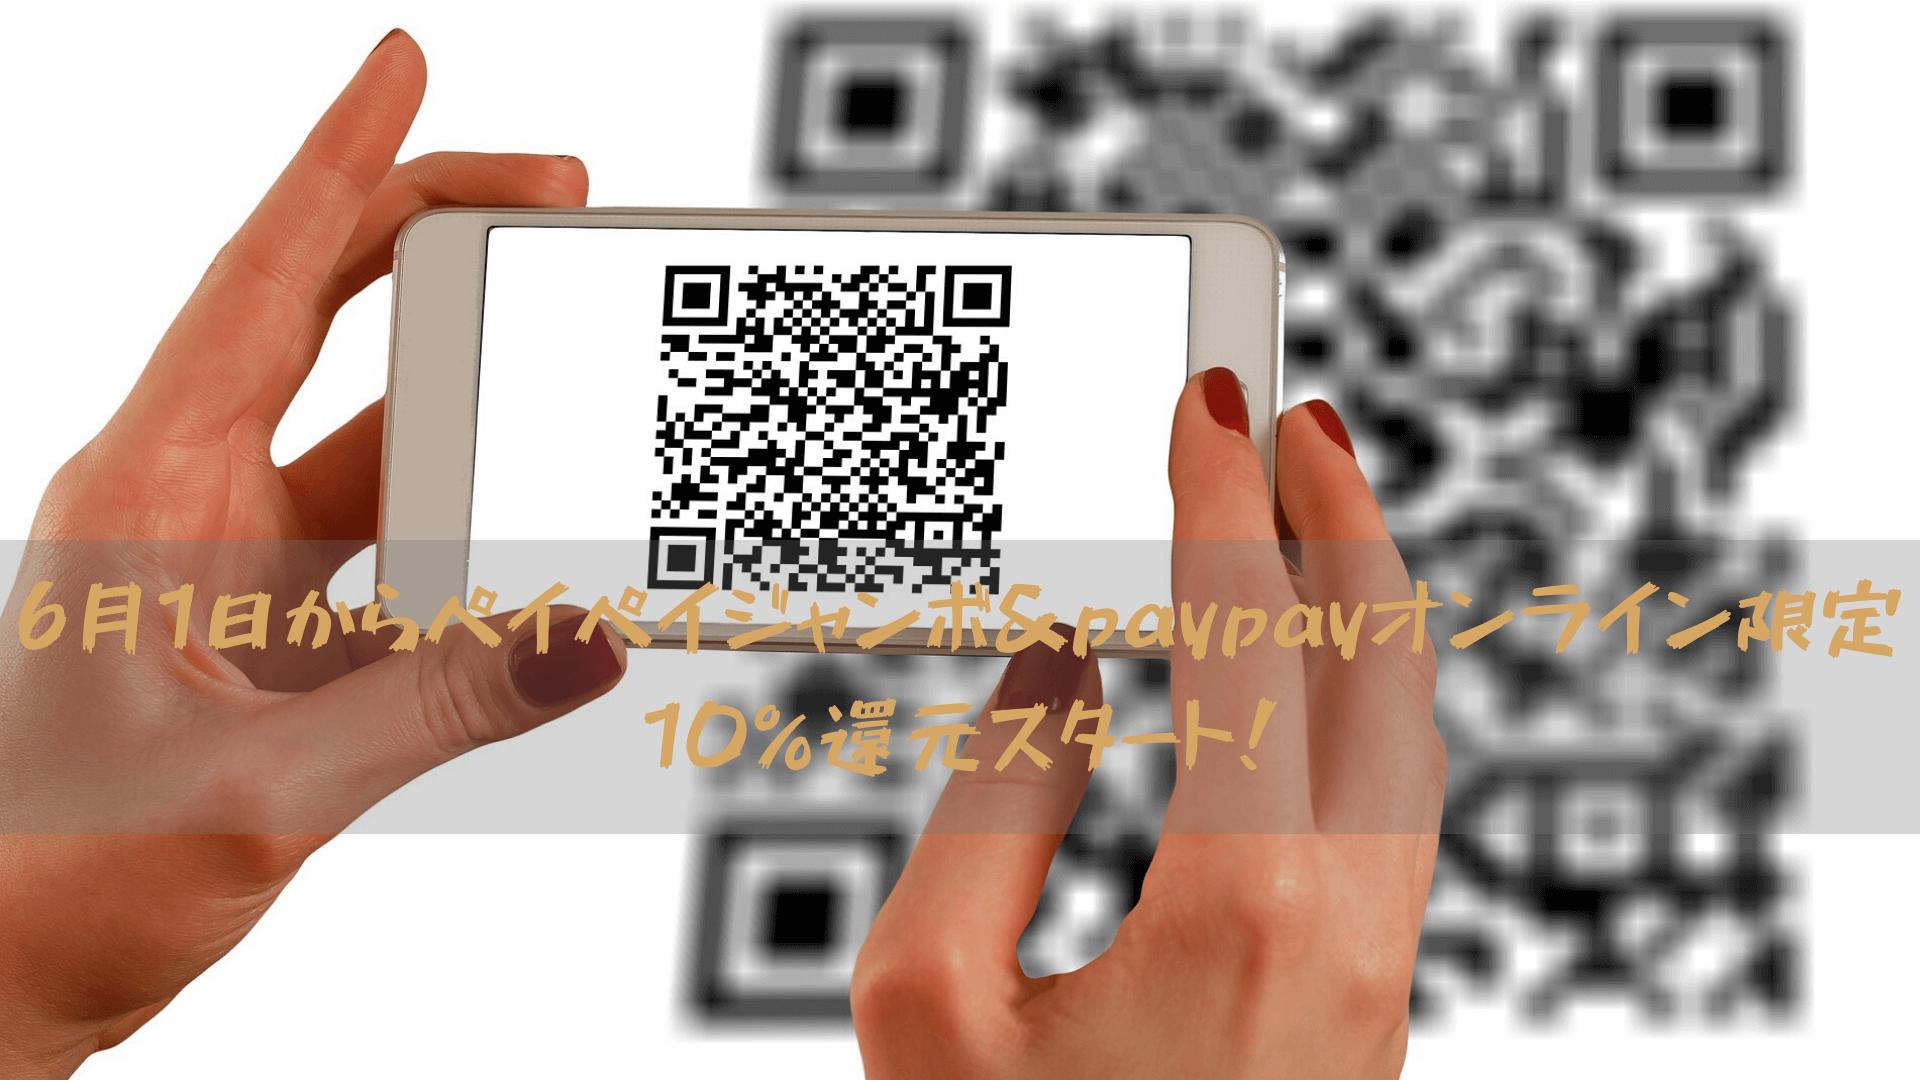 6月1日からペイペイジャンボ&paypayオンライン限定10%還元スタート!